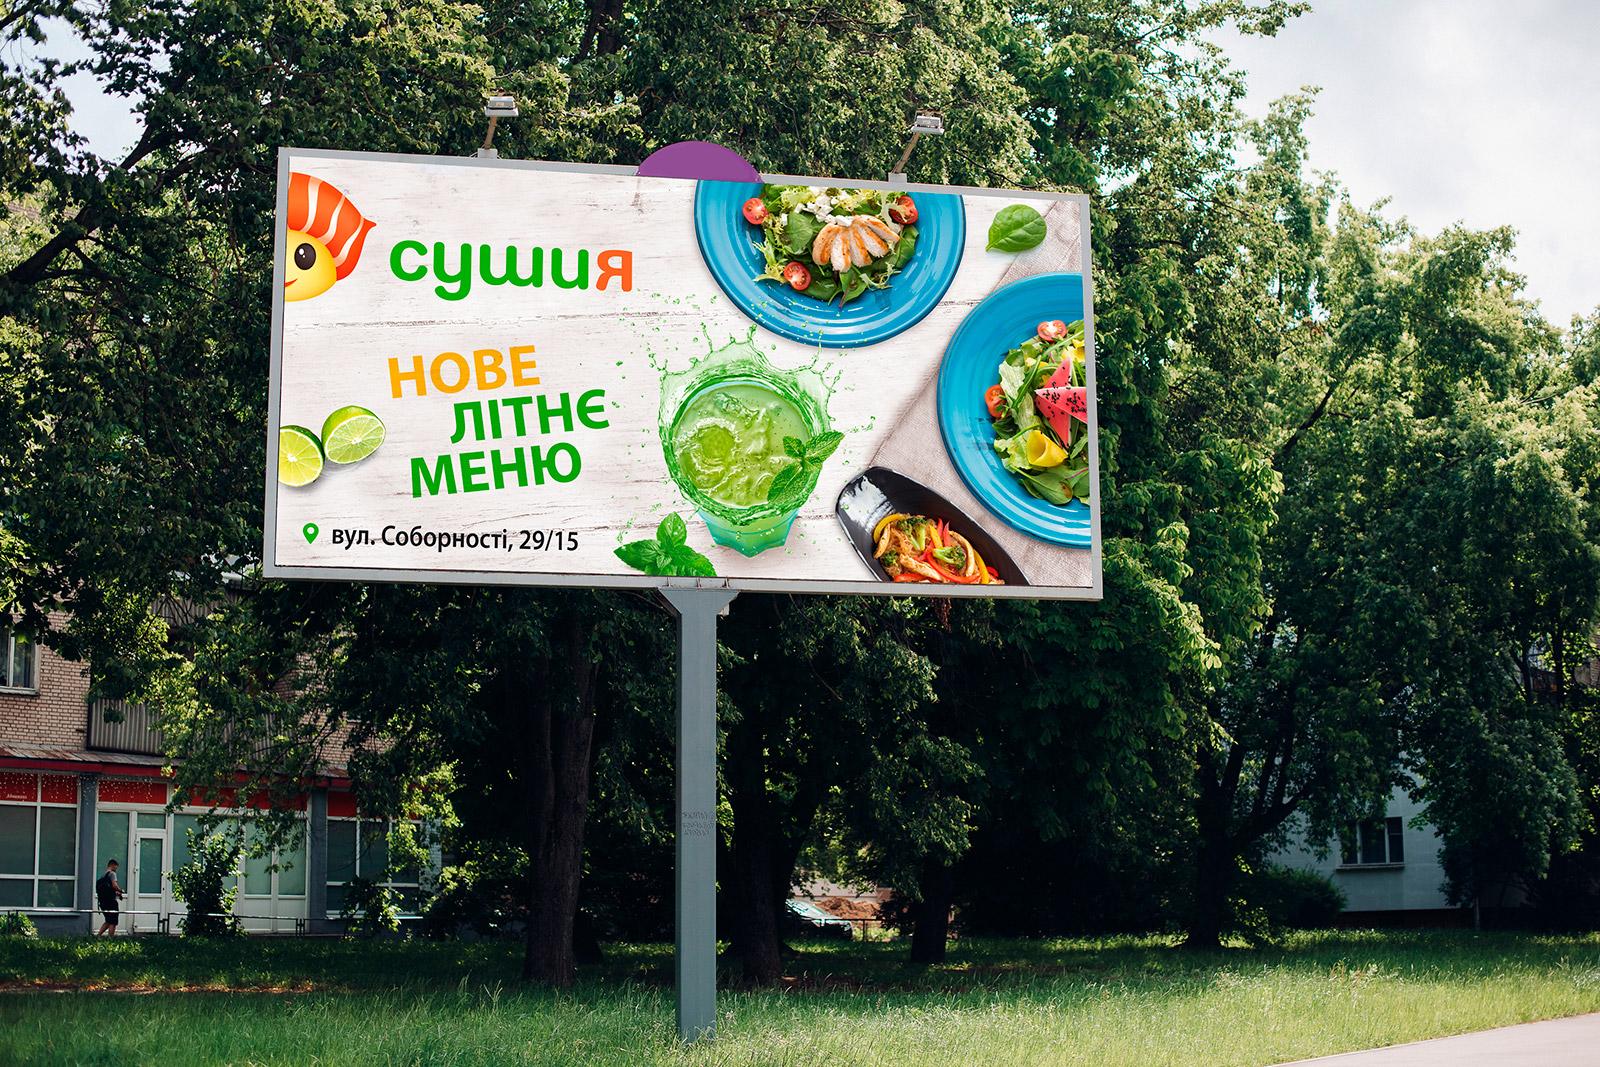 Розробка дизайну бігборд баннер, сіті лайт Київ, рекламний постер СУШИЯ, БАНЕР ЛІТНЕ МЕНЮ